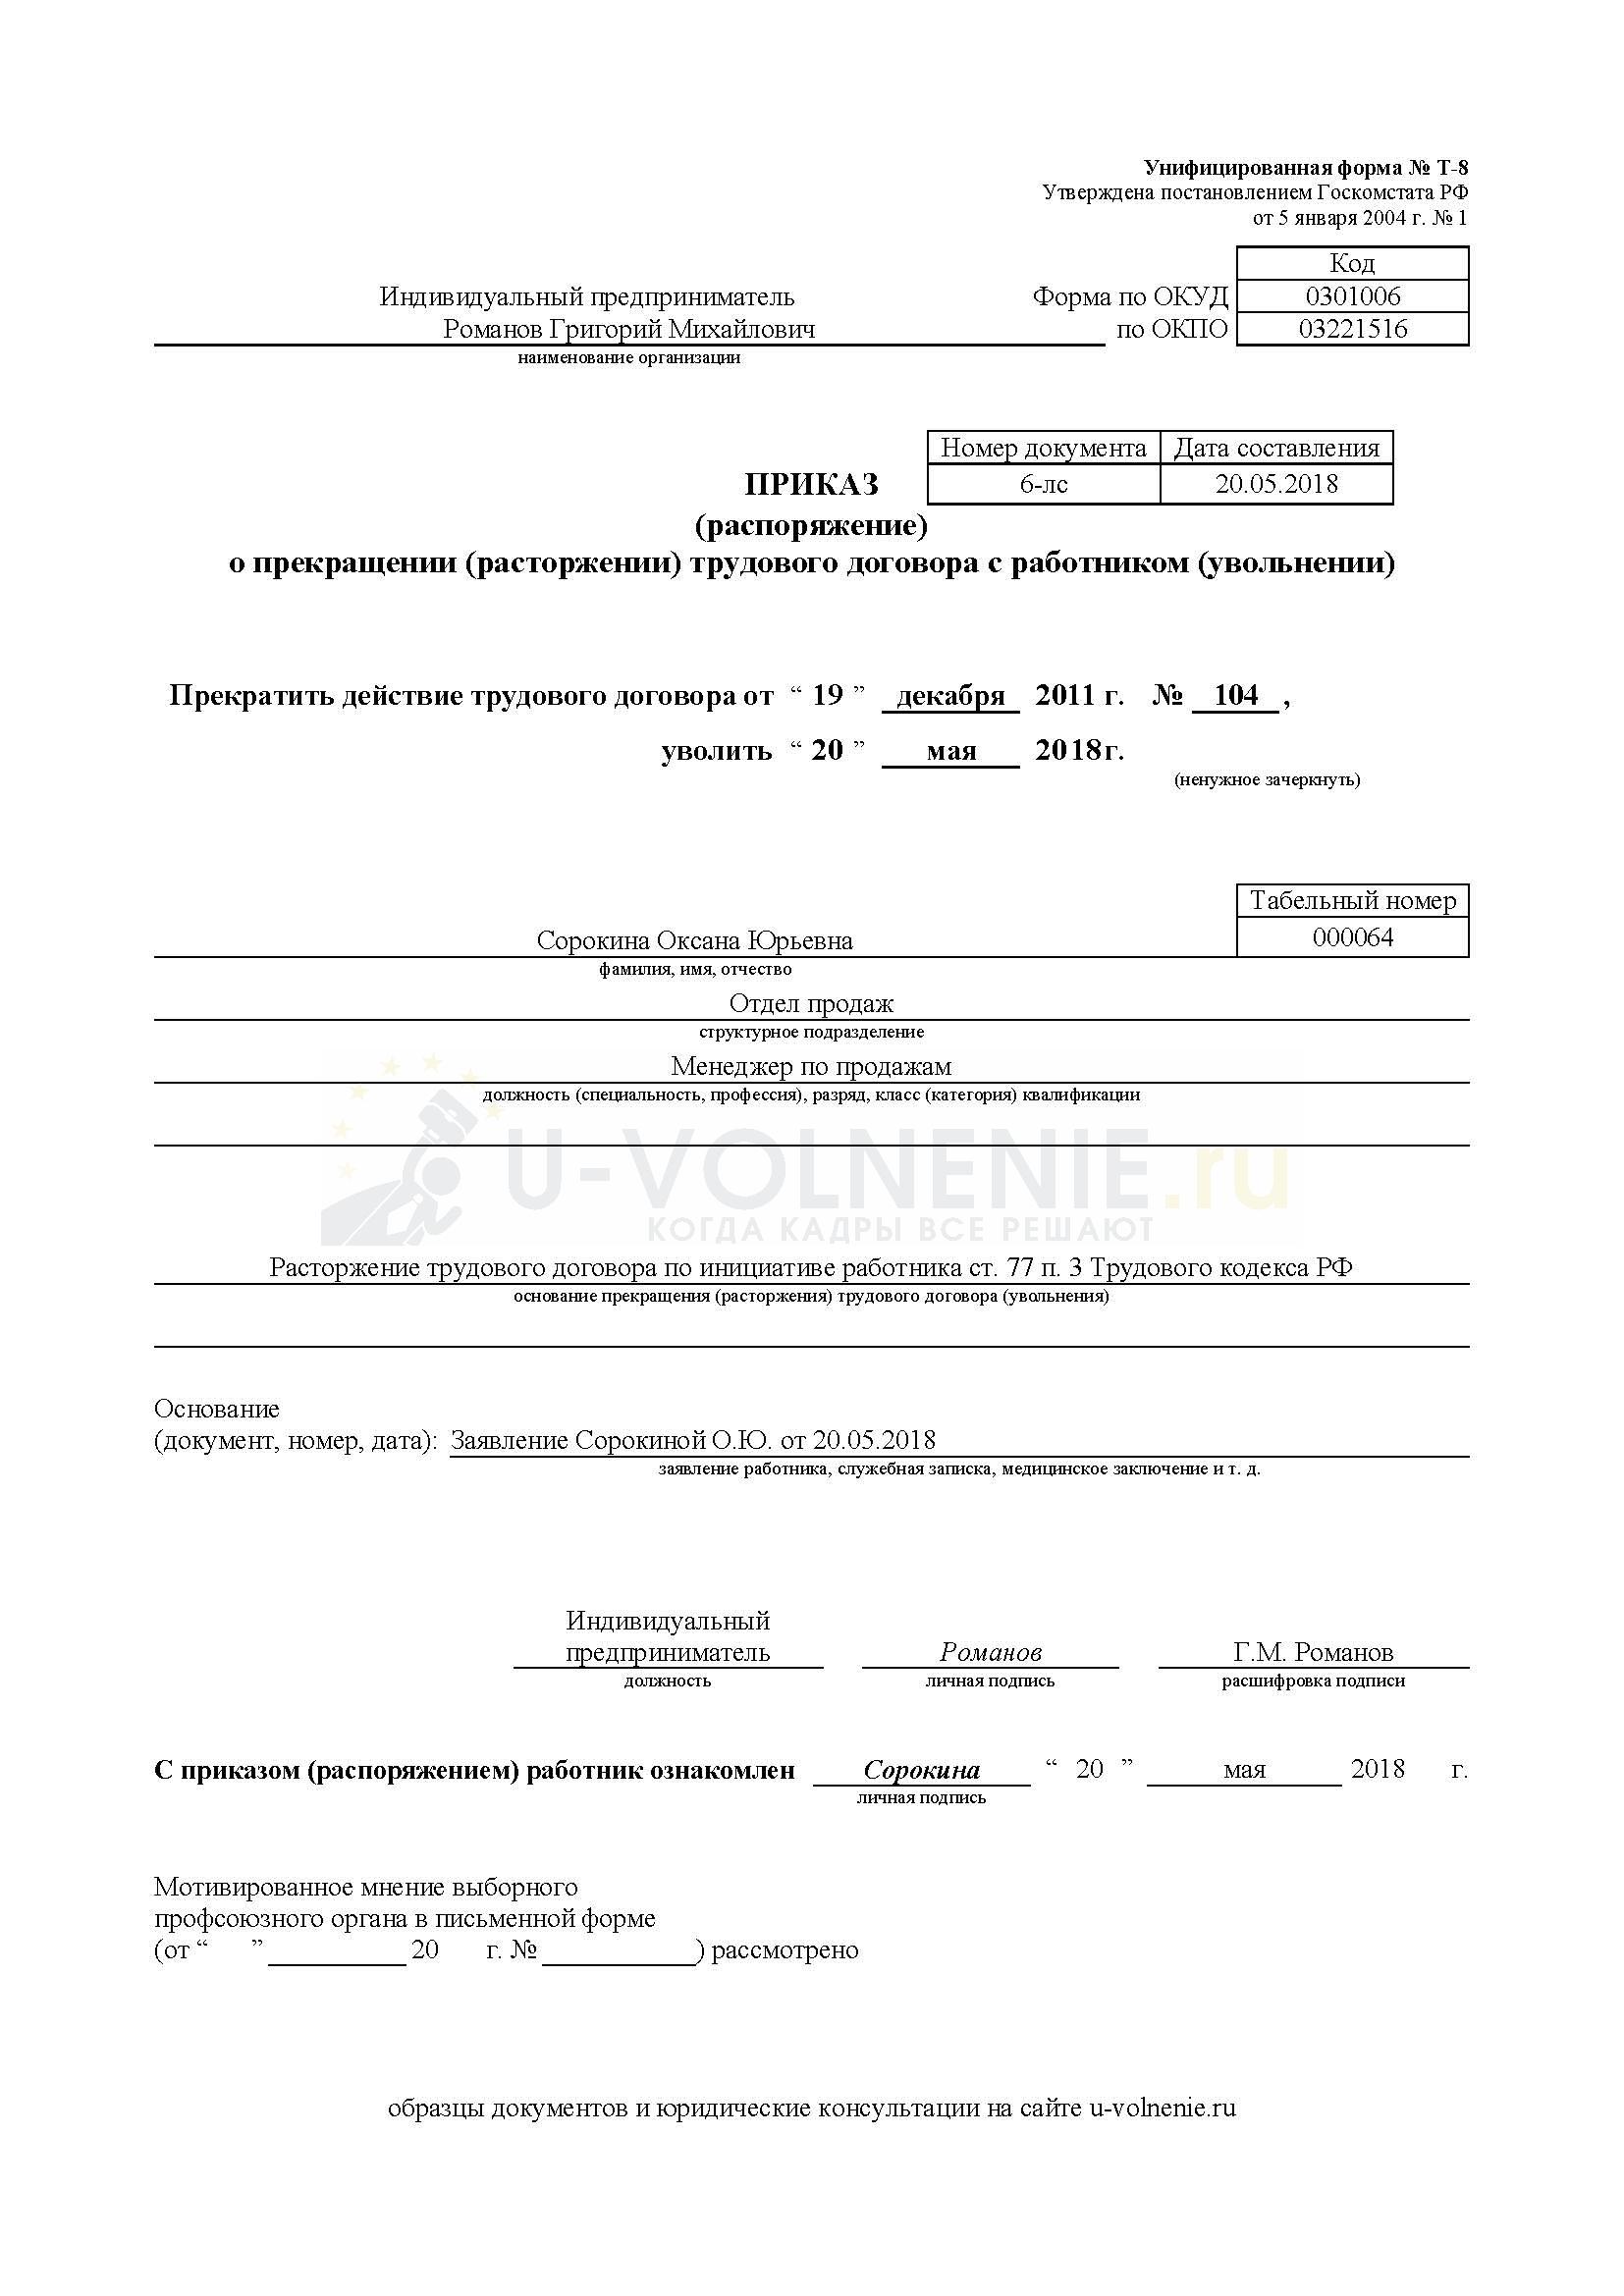 Образец приказа на увольнение сотрудника ИП по собственному желанию